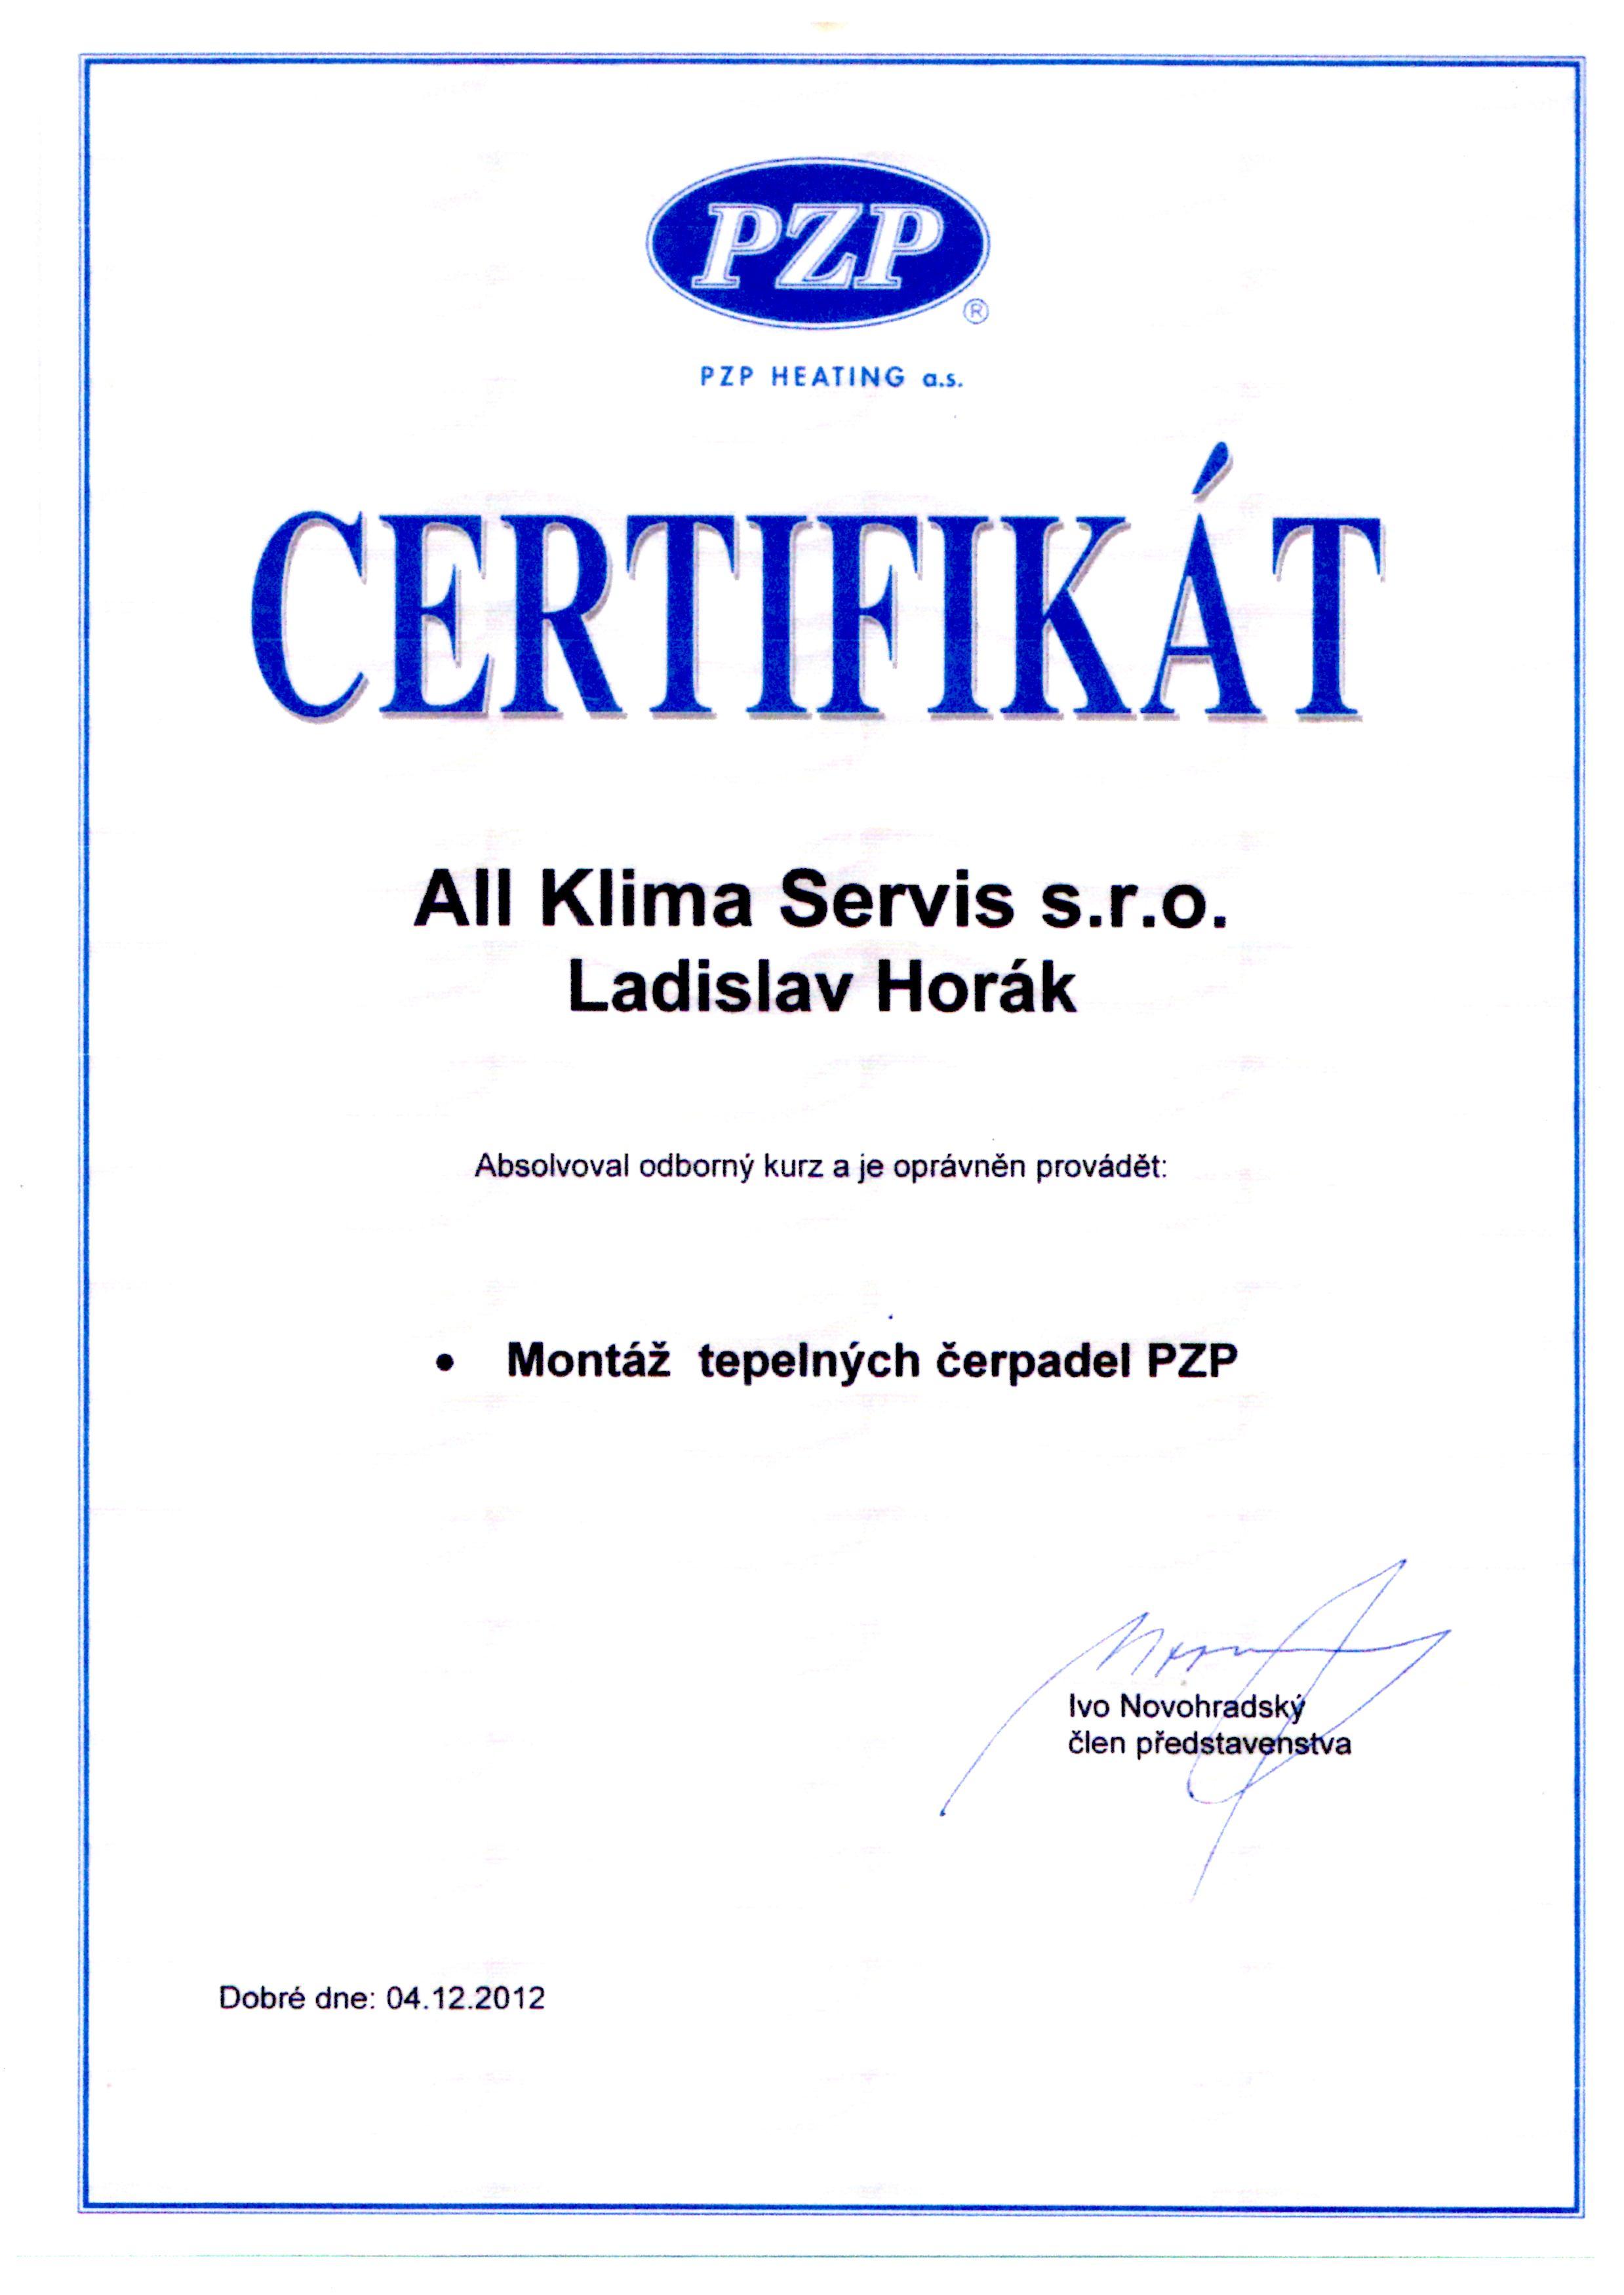 Certifikát PZP HEATING - tepelná čerpadla